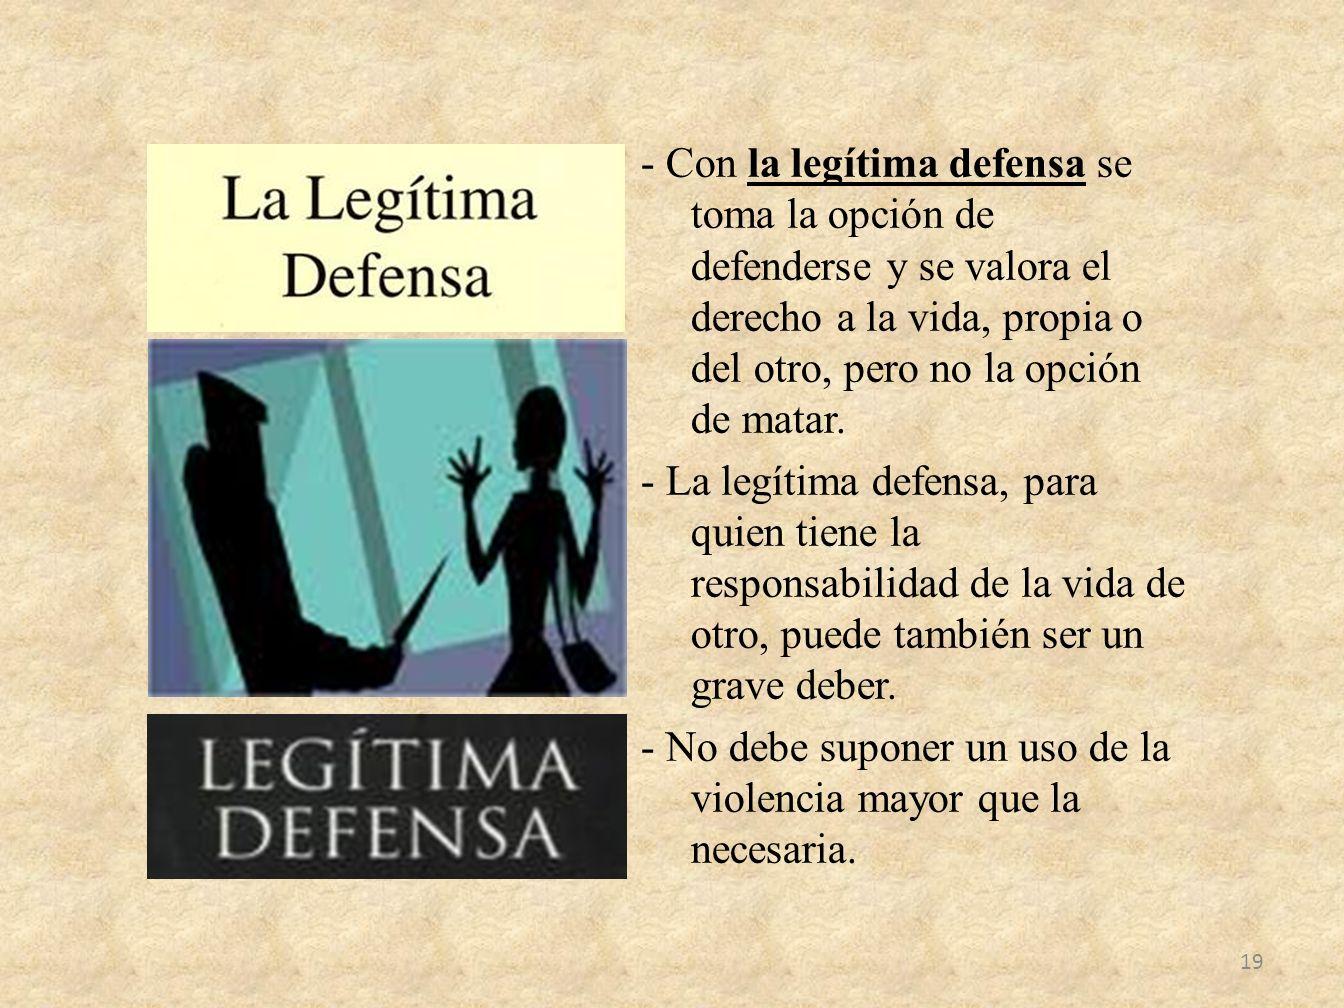 - Con la legítima defensa se toma la opción de defenderse y se valora el derecho a la vida, propia o del otro, pero no la opción de matar.